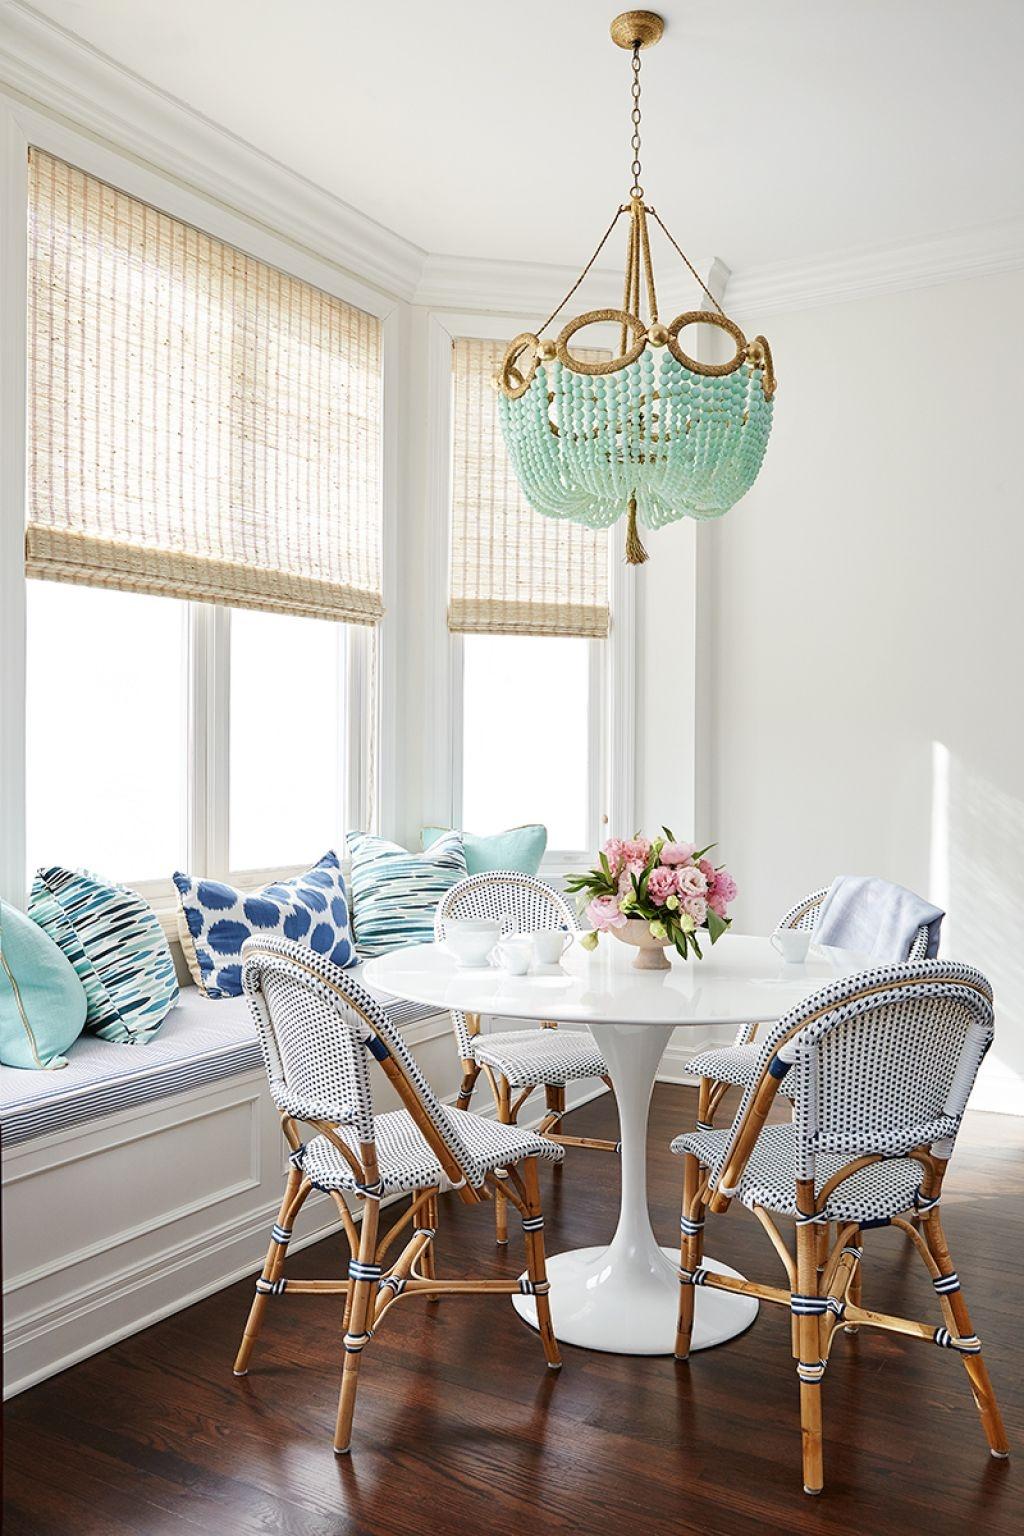 breakfast-nook-with-hanging-beaded-chandelier-over-furniture